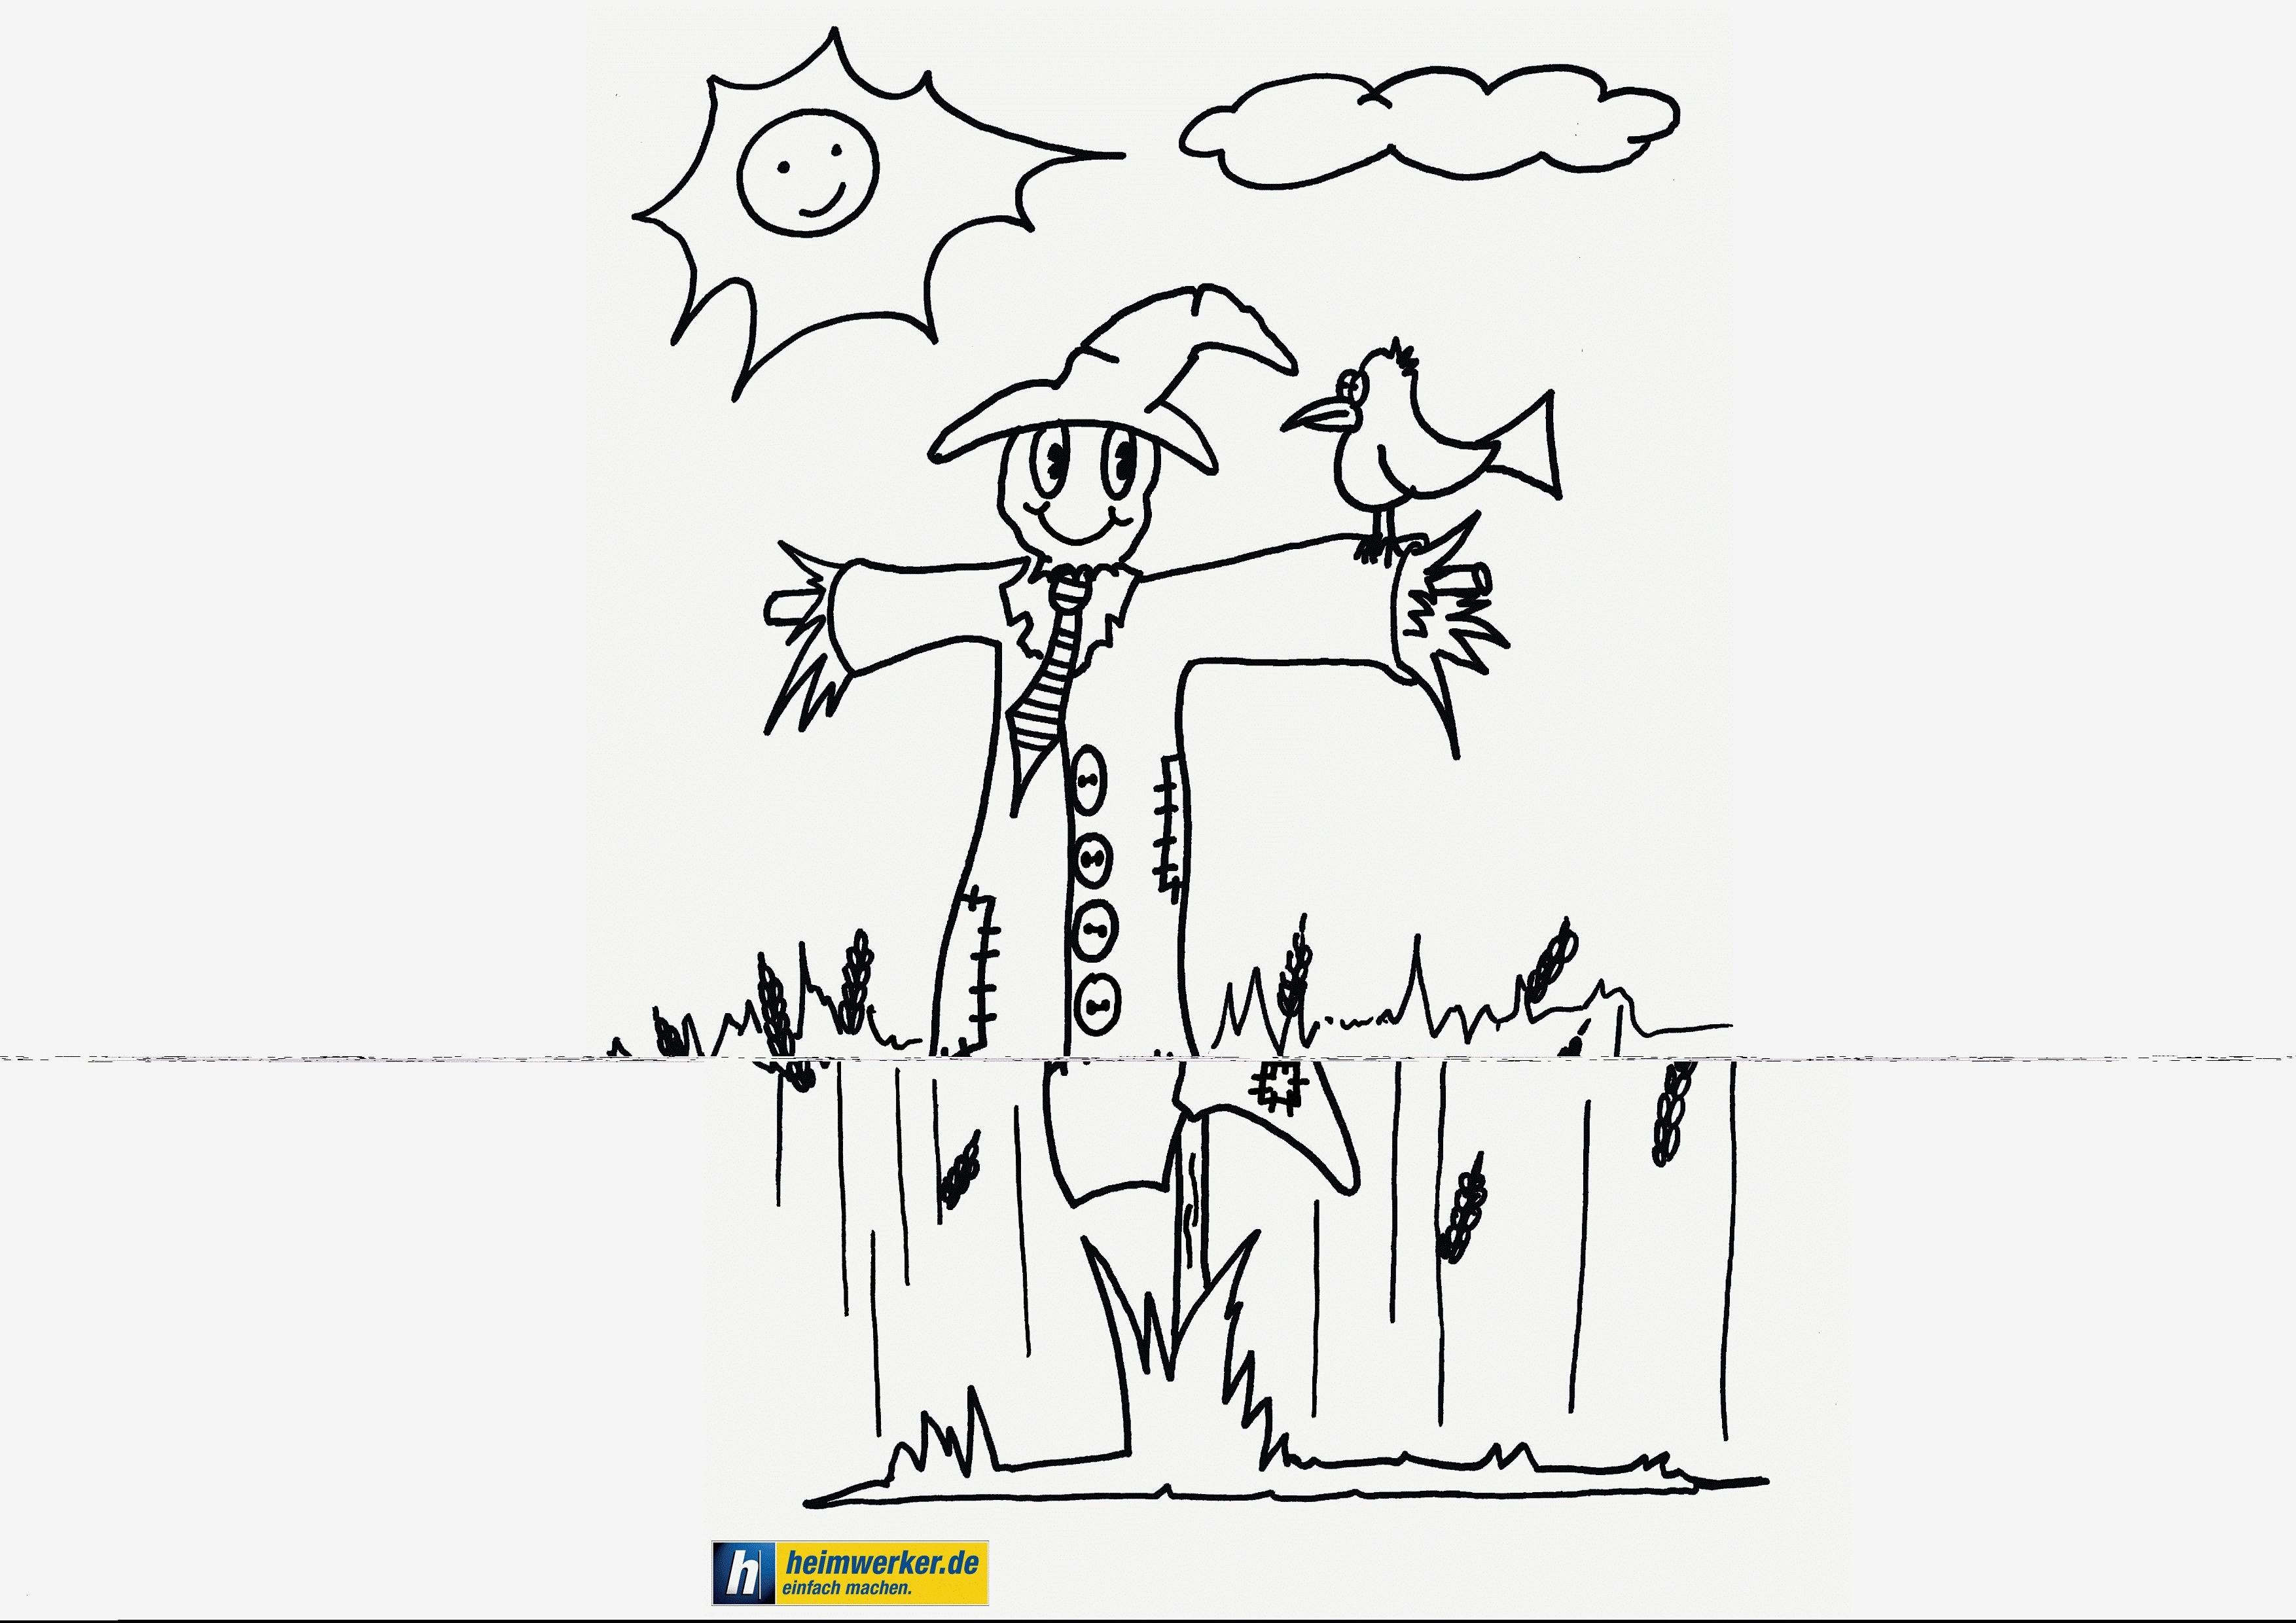 Ausmalbilder Einhorn Kostenlos Das Beste Von Ausmalbilder Einhorn Erwachsene Meilleur De S Malvorlagen Igel Bilder